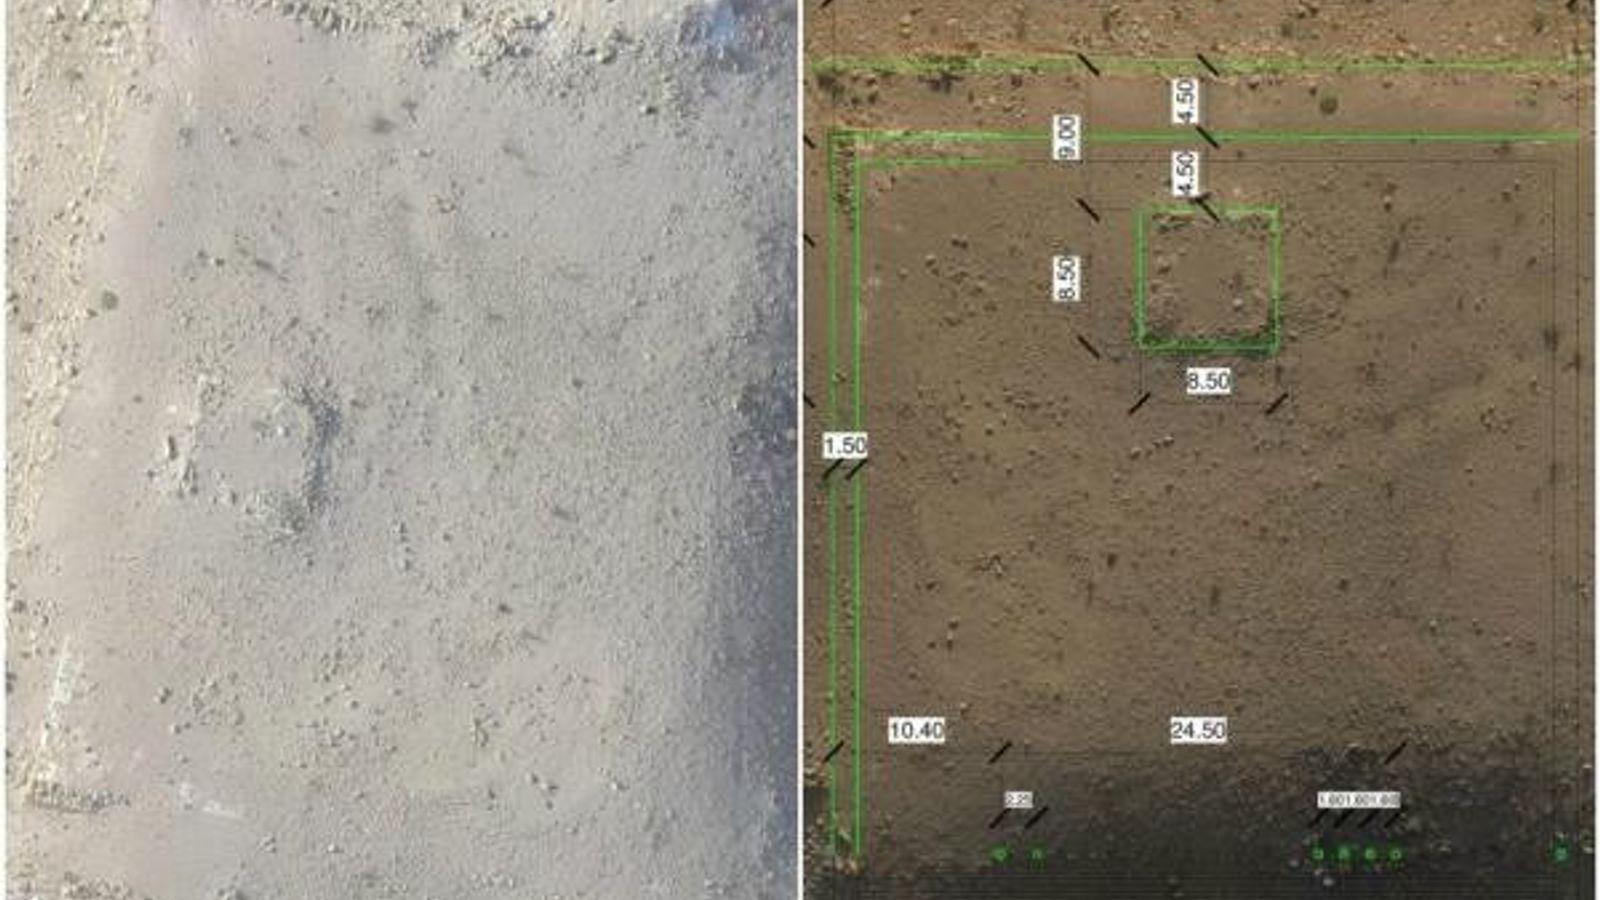 Imagen del monumento de Petra tomada por un dron (izquierda) y otra con los detalles de ...